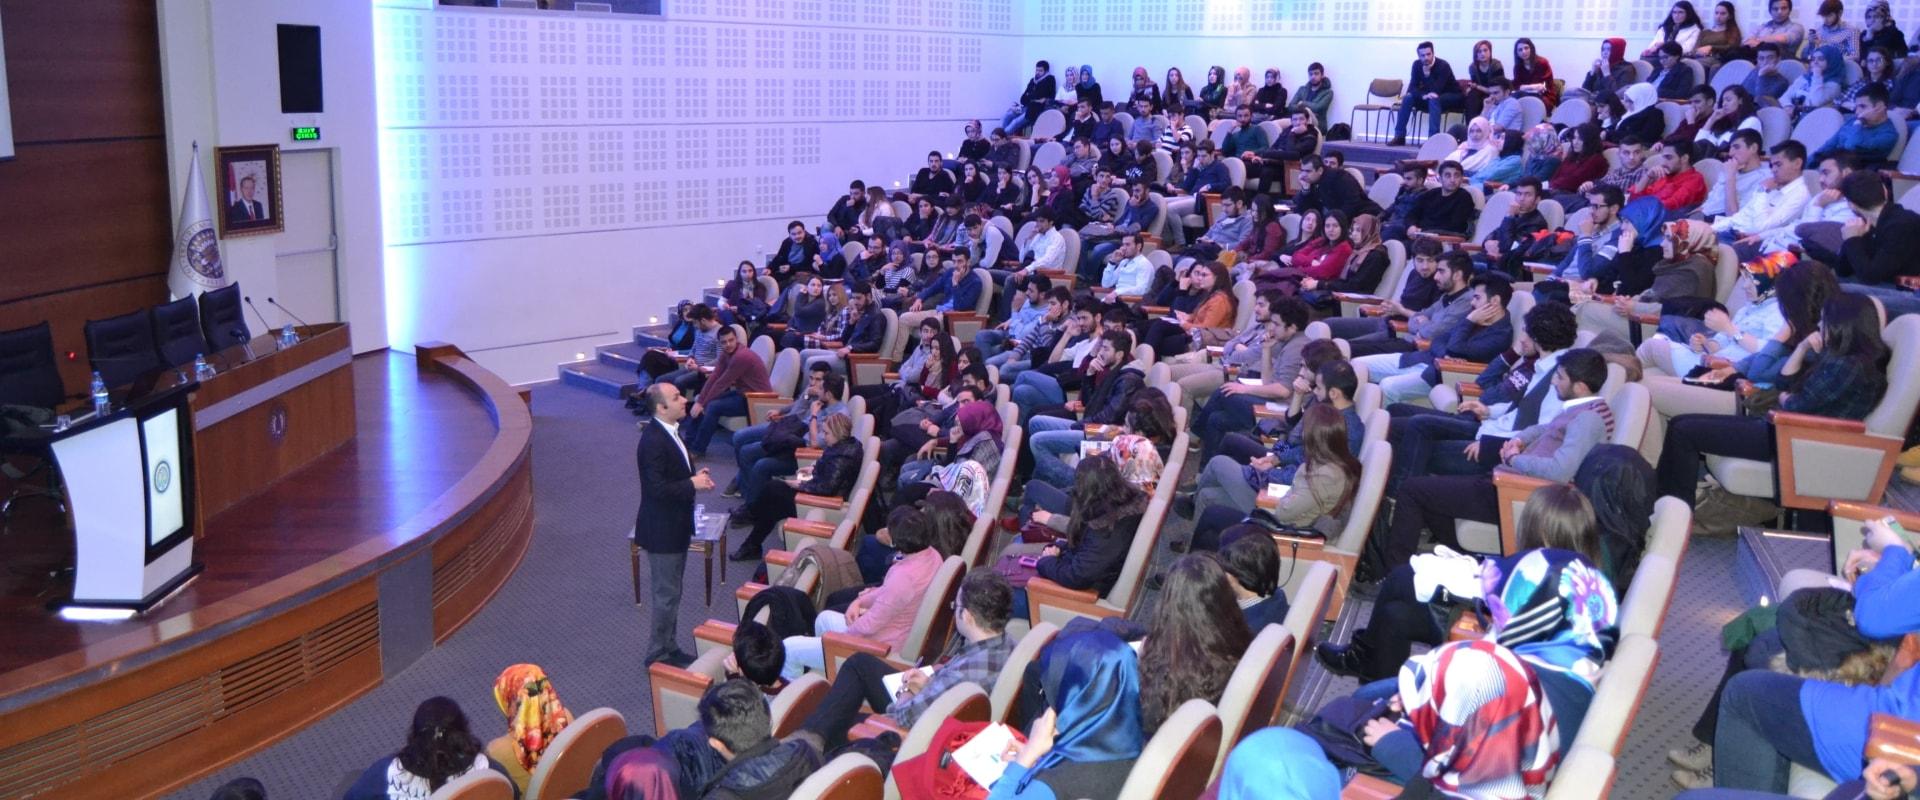 Academy Sertifikalı Üniversite Eğitim Programları